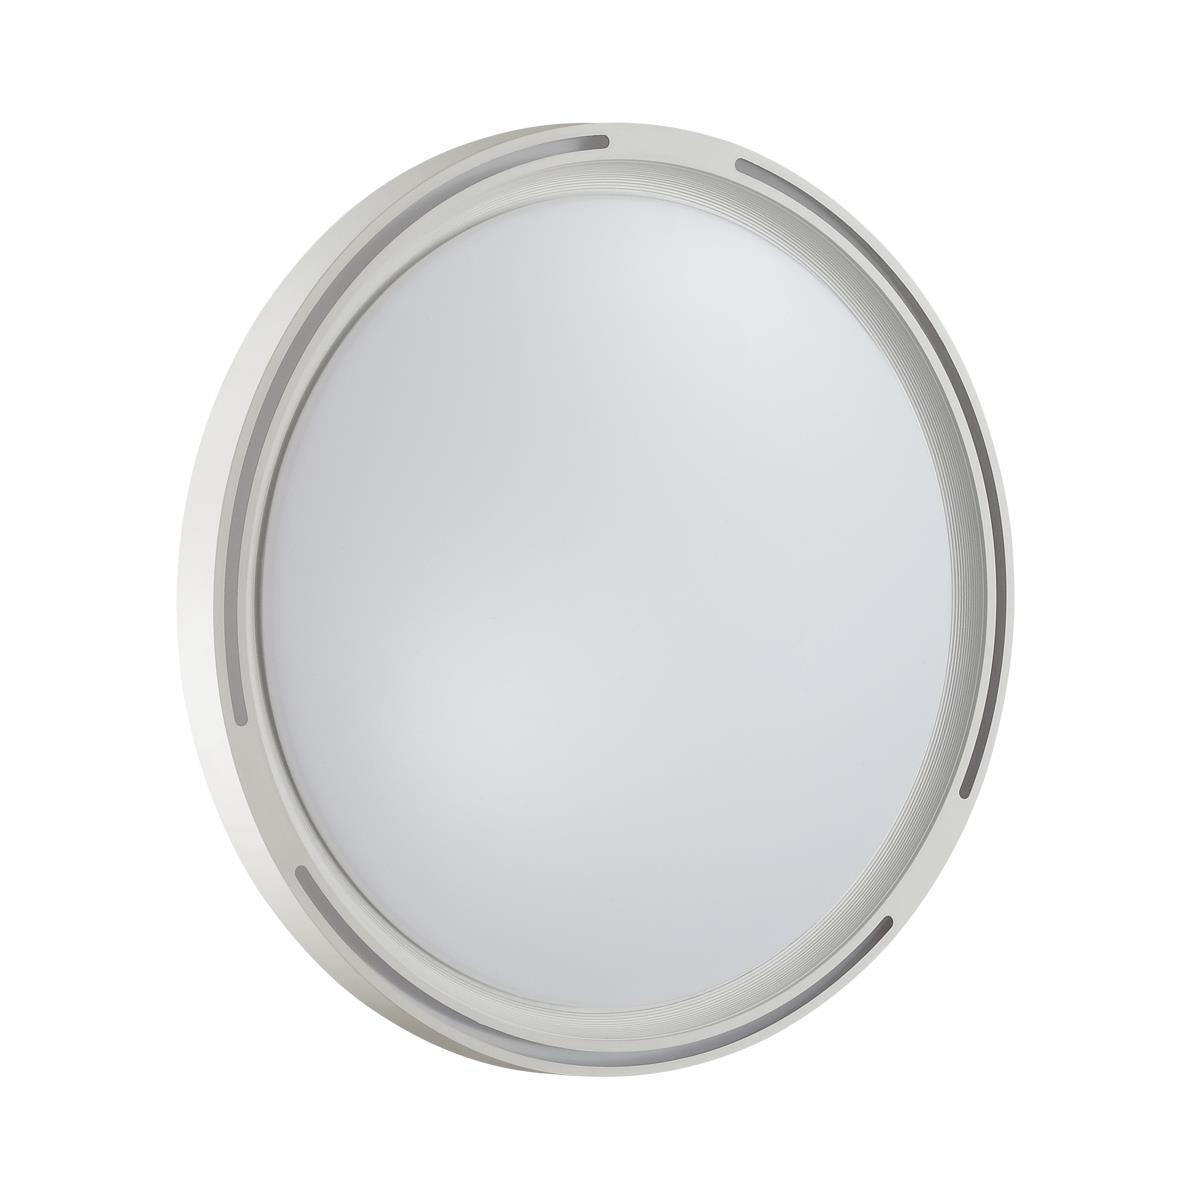 Настенно-потолочный светильник Sonex SLOT 3010/DL, LED, 48 Вт